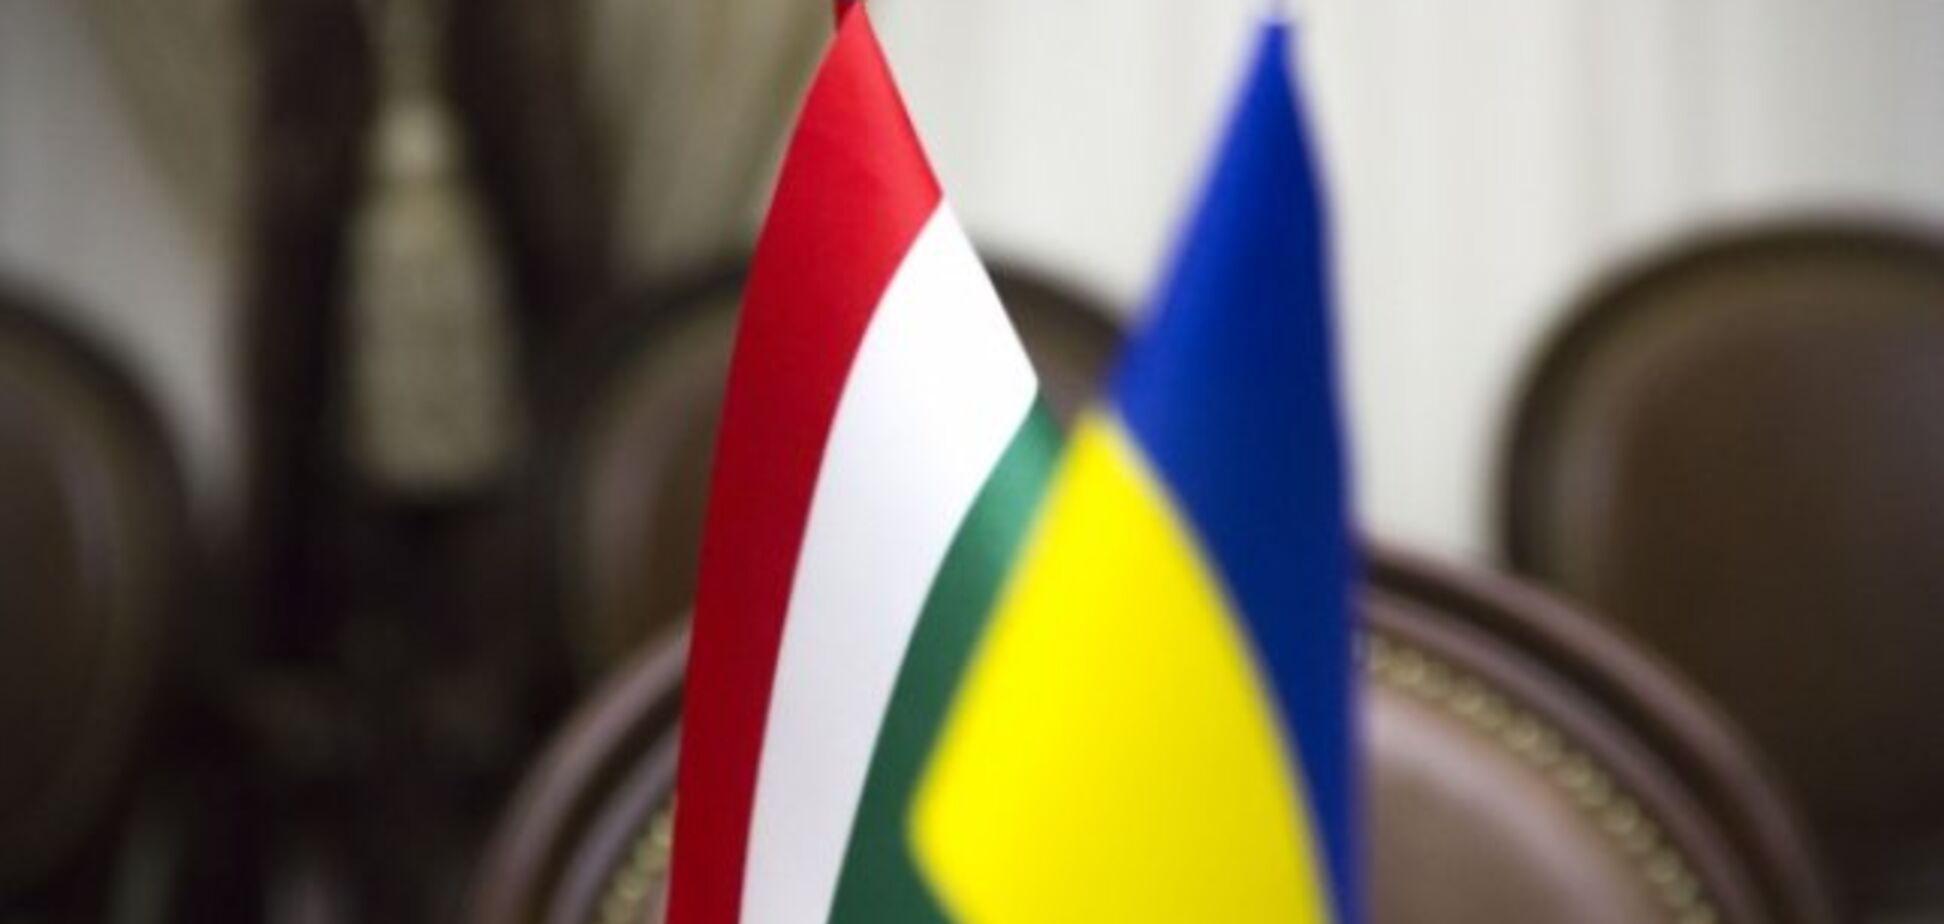 Угорщина влаштувала Україні чергову підлість через мовний скандал